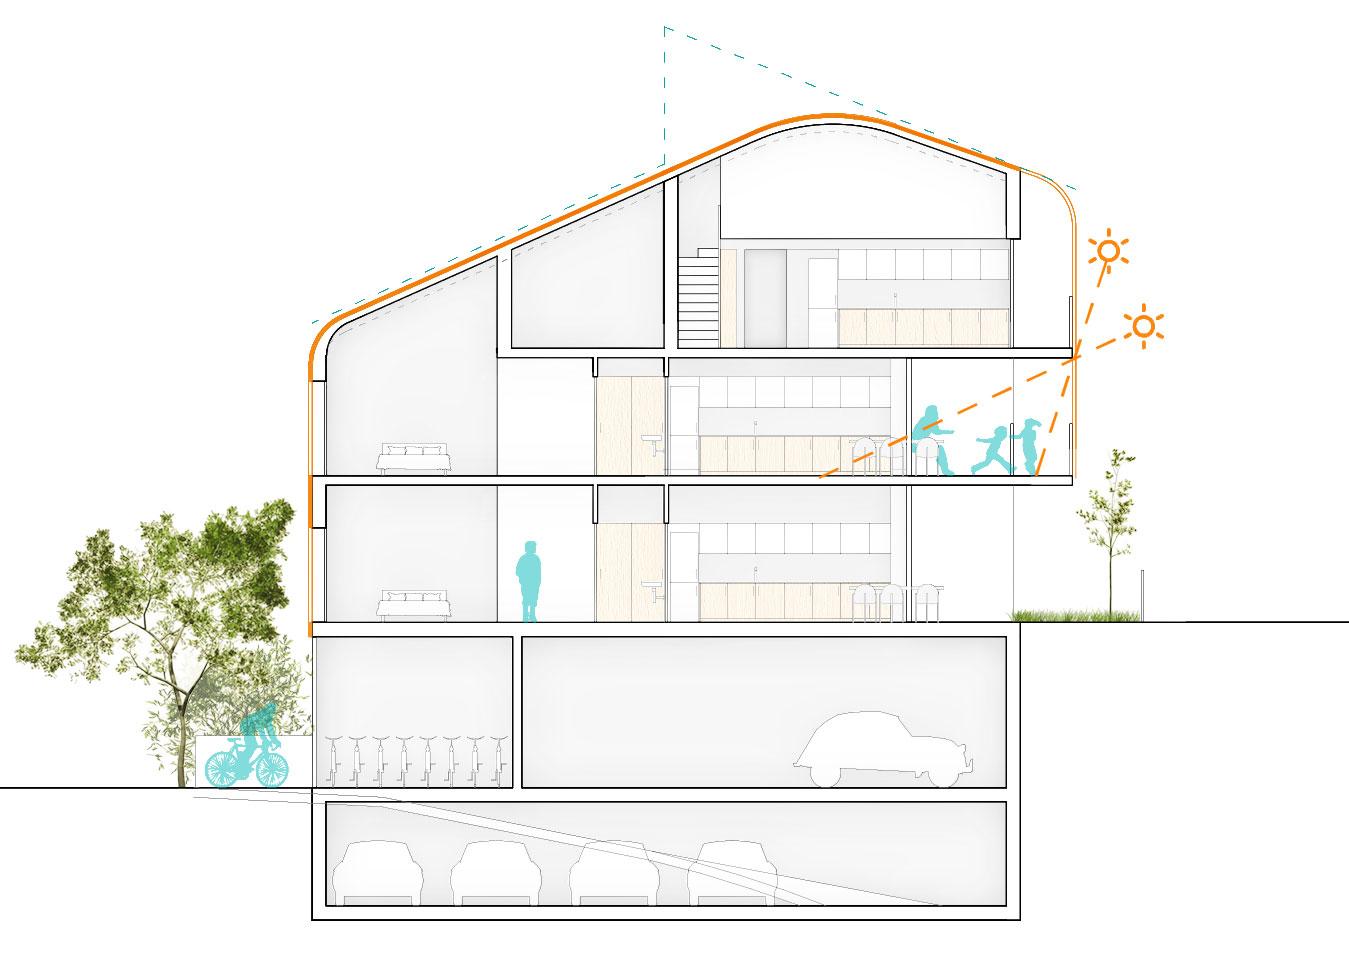 concurso vivienda protegida olesa de montserrat sostenible arquitopia sección tipo